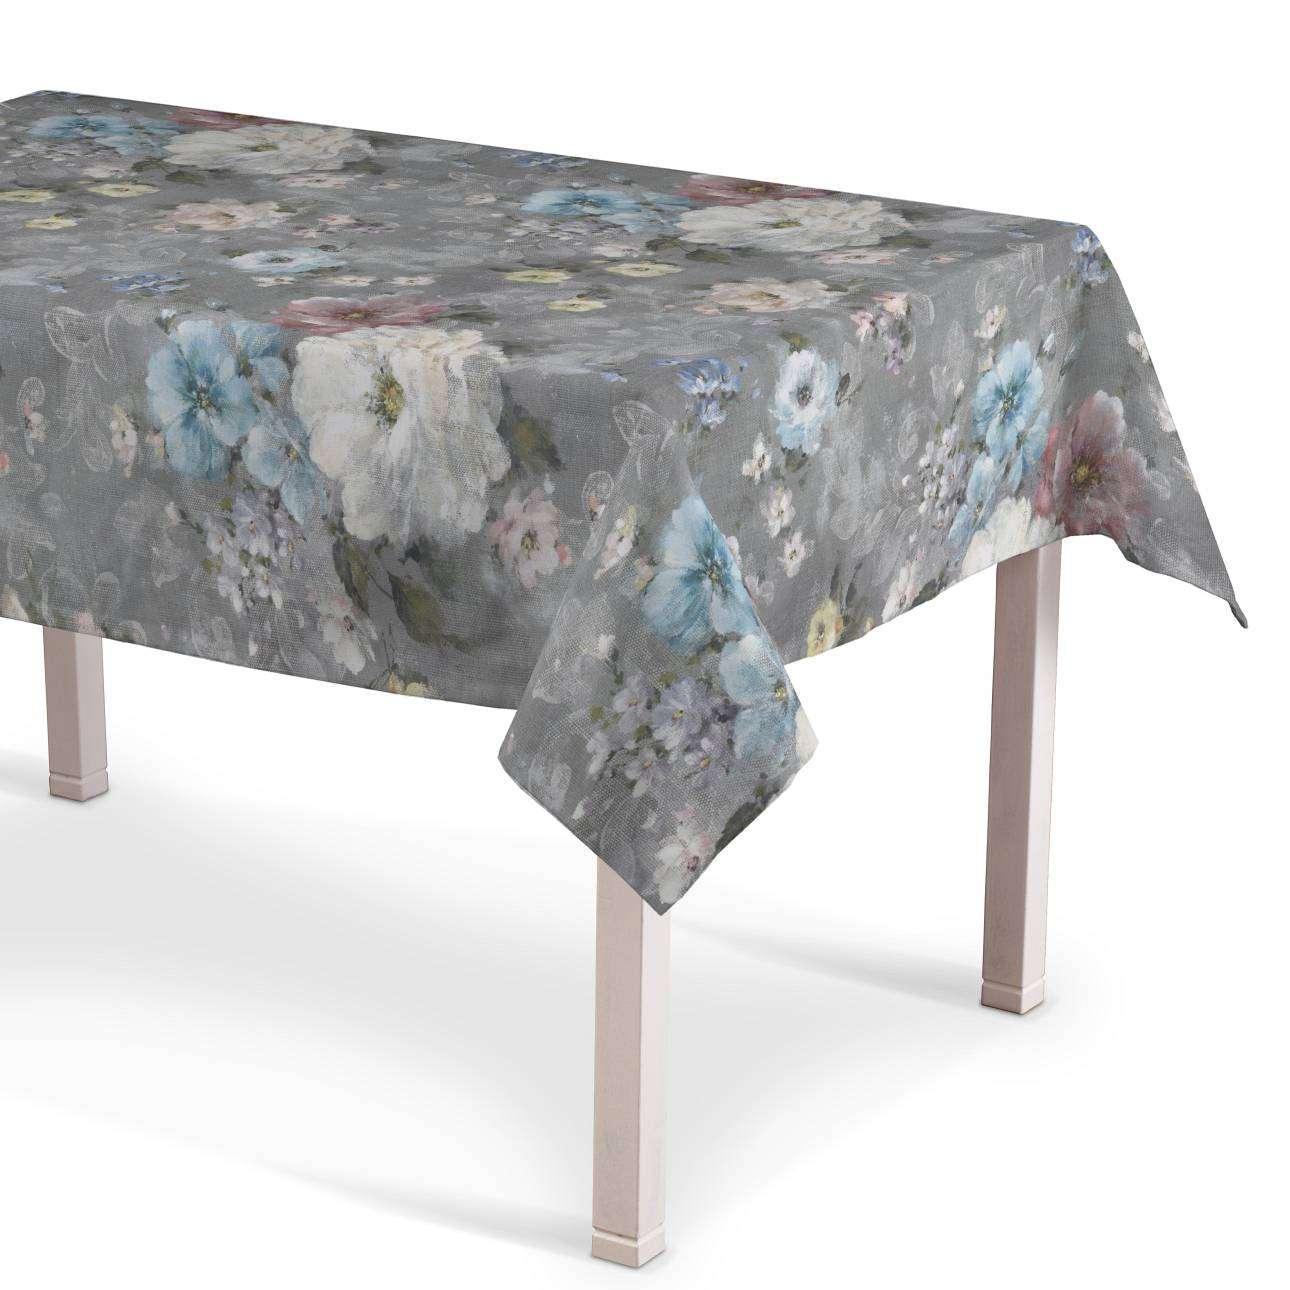 Rechteckige Tischdecke 130 x 130 cm von der Kollektion Monet, Stoff: 137-81